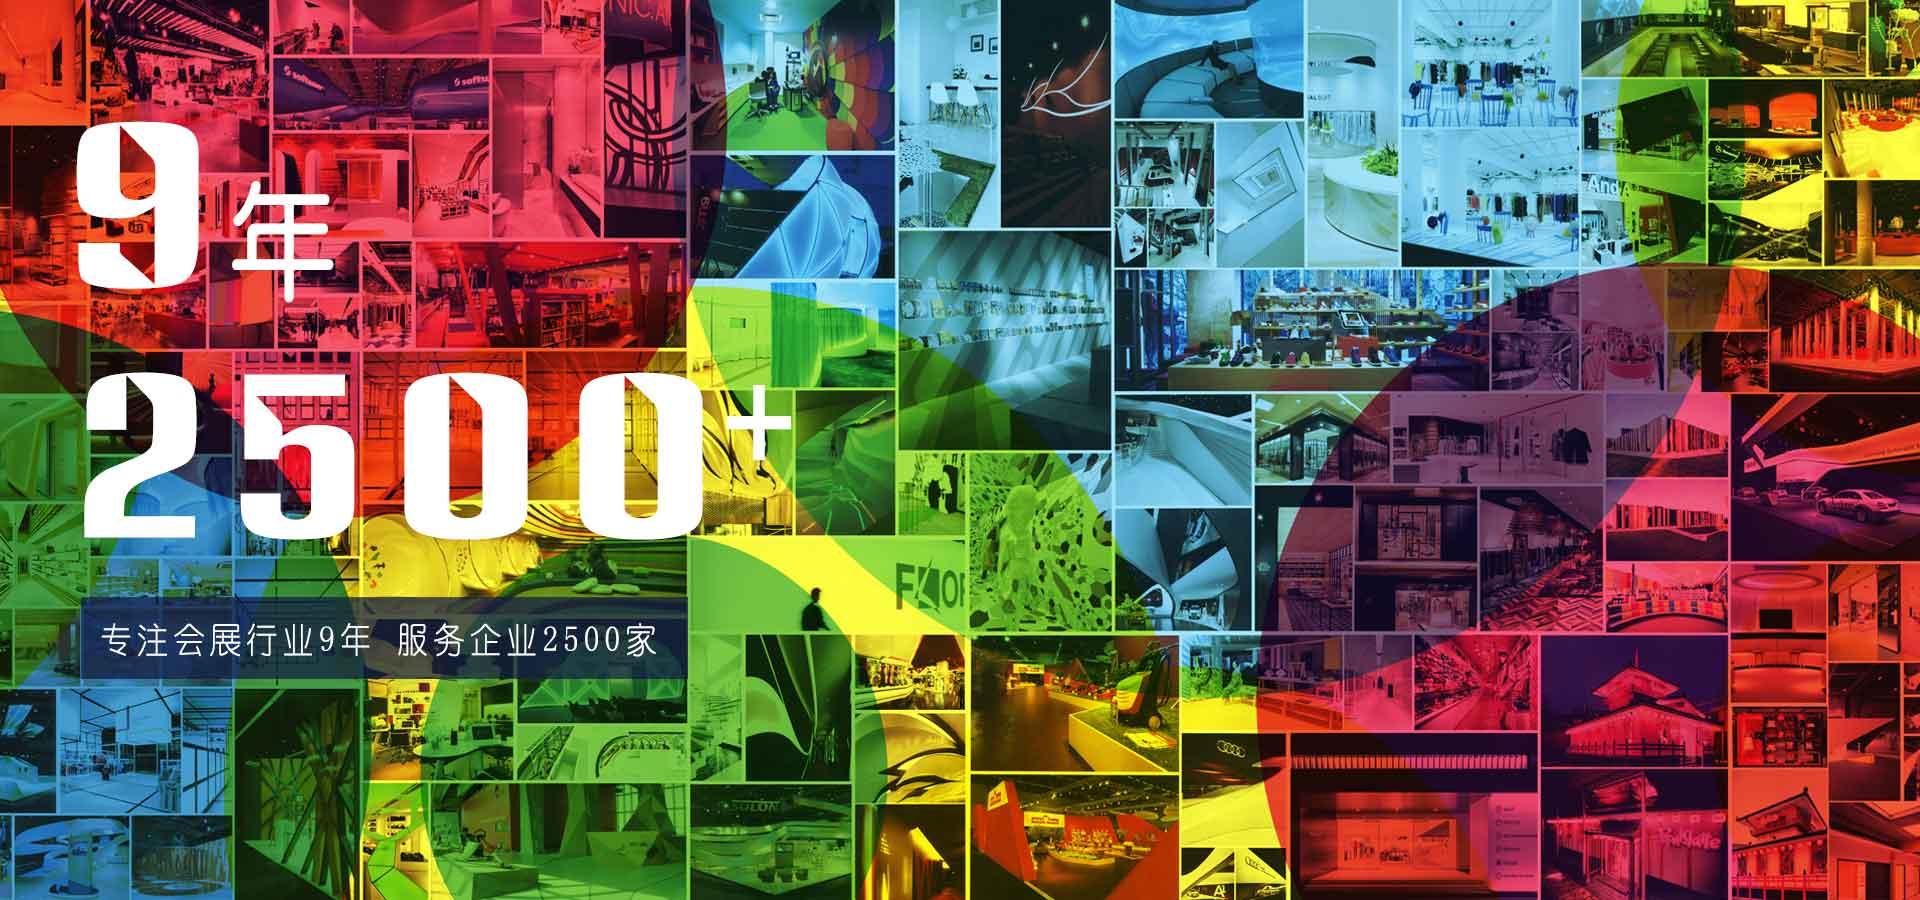 鼎世展览成立十几年来专注展览会展台设计搭建,致力于全球展览展示设计搭建一站式服务,是值得信赖的展览公司。